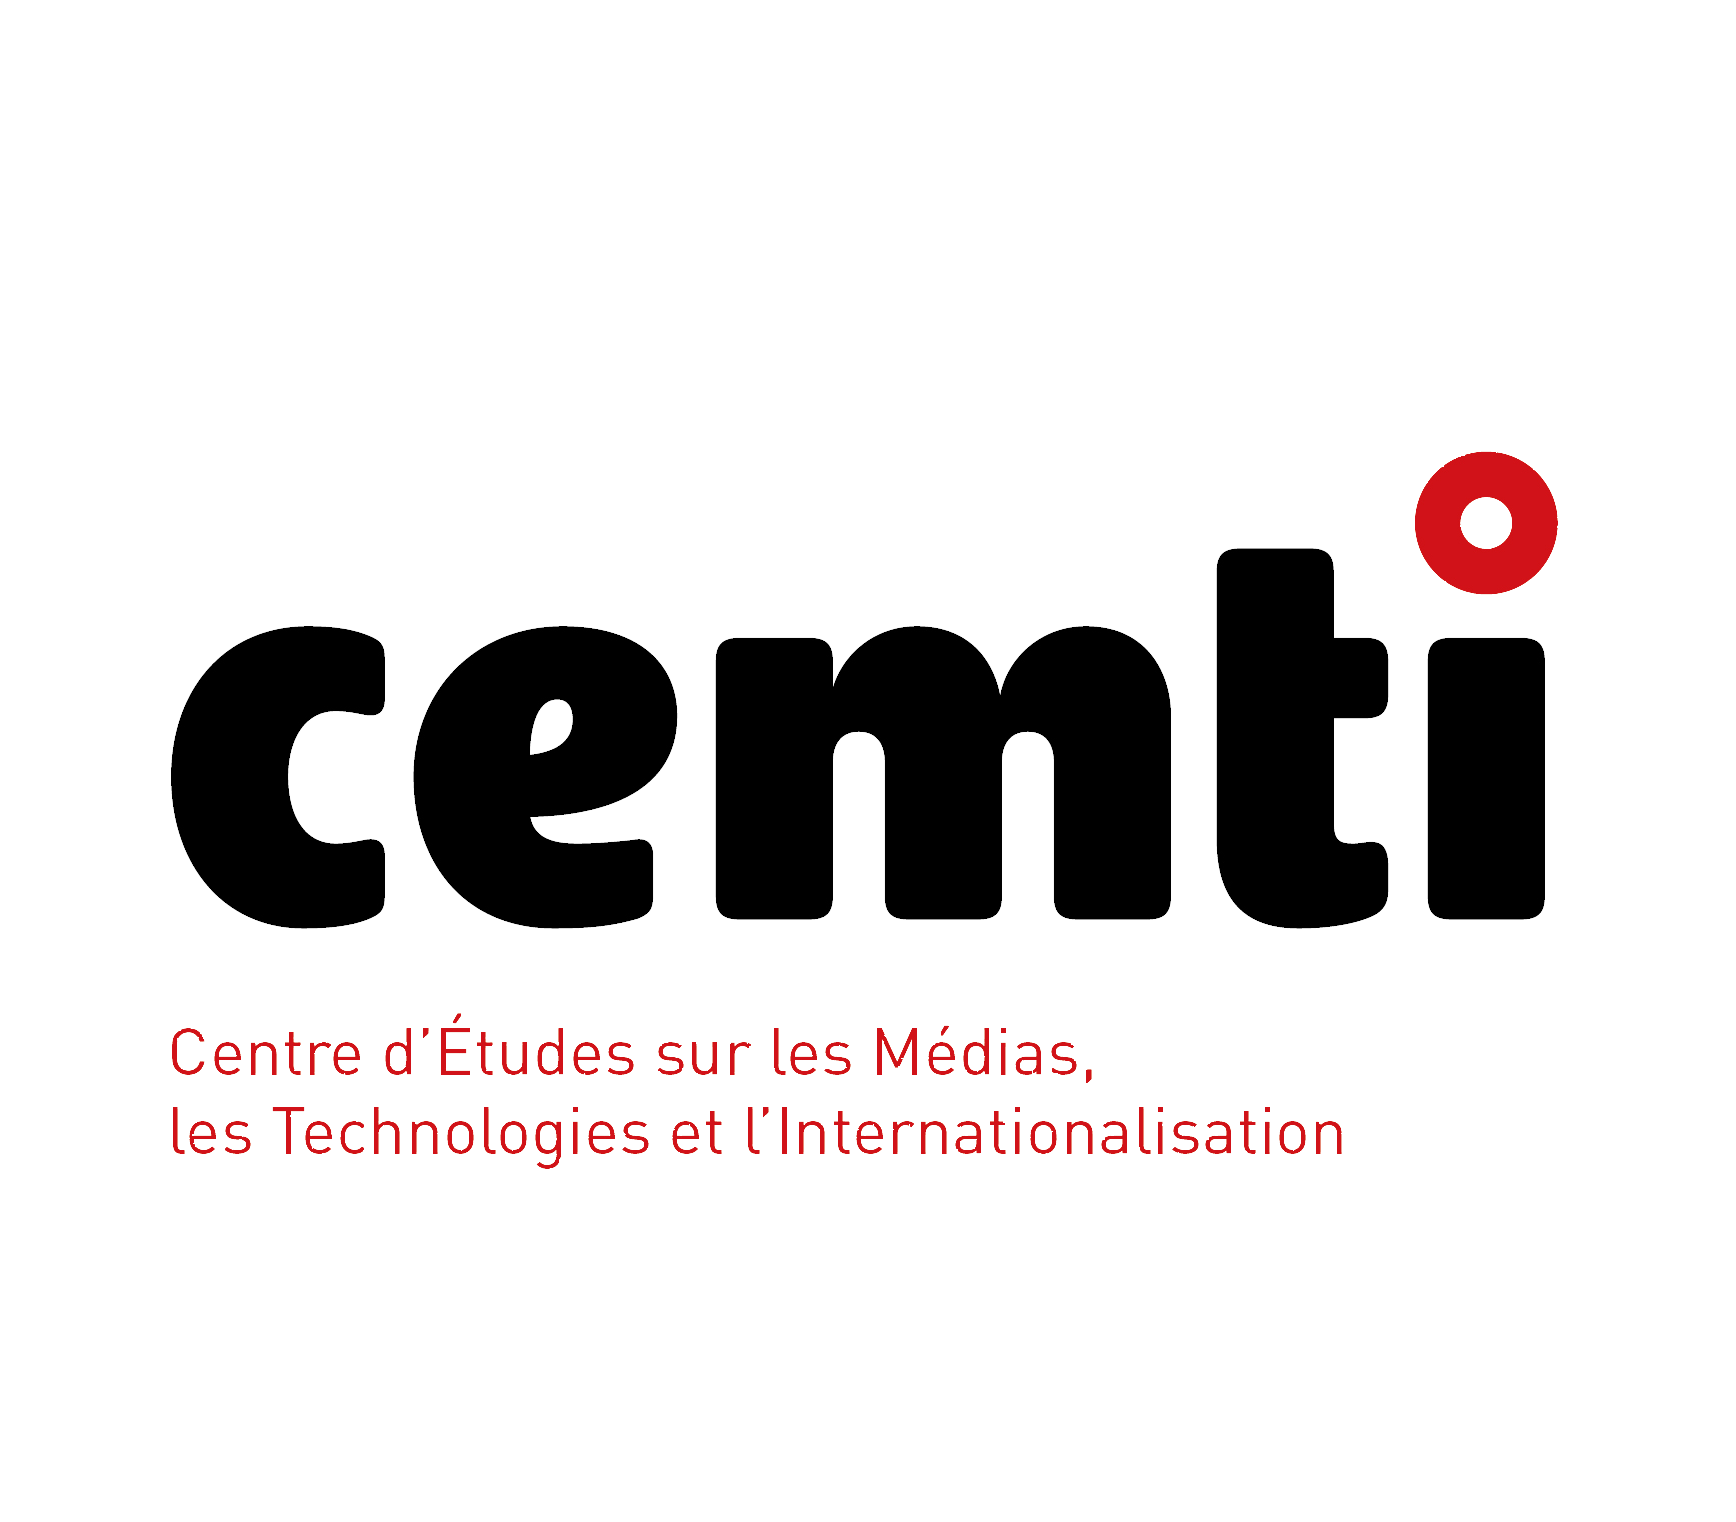 Cemti - Laboratoire de recherche de l'UFR Culture et Communication de l'université Paris 8